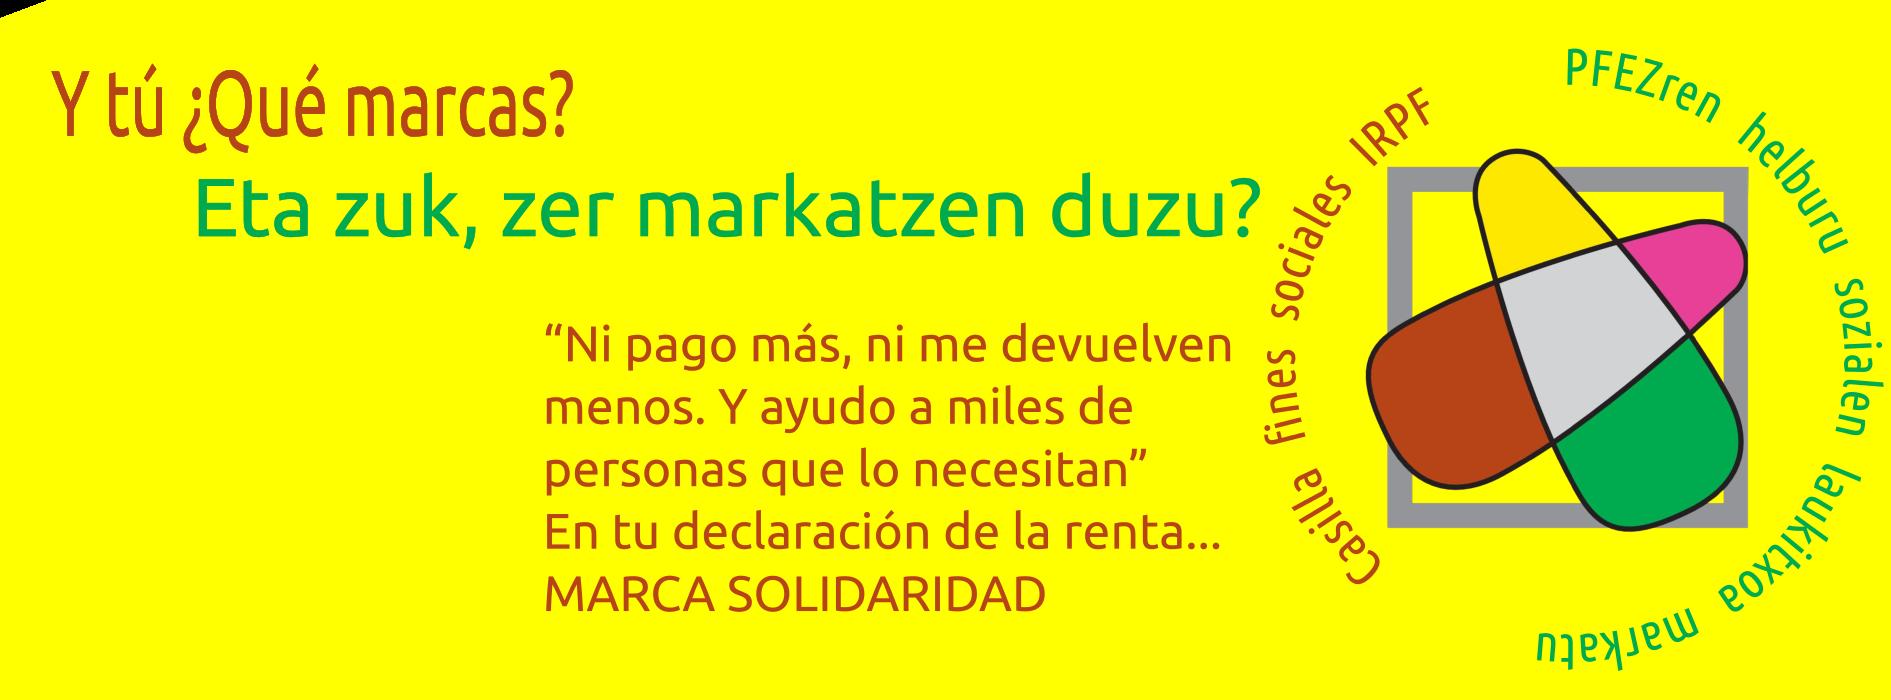 YTuQueMarcasFacebook